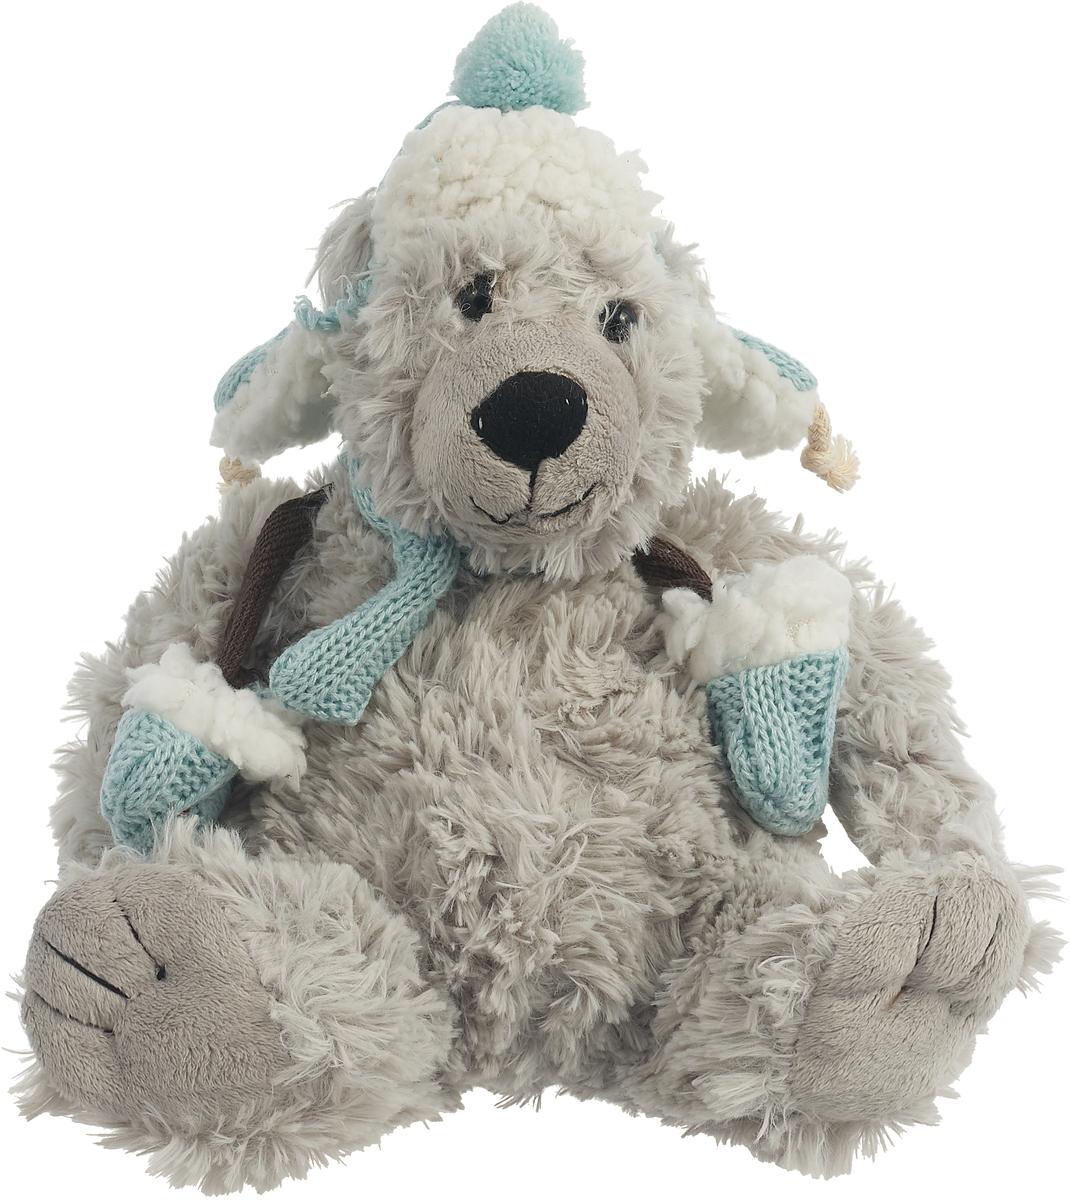 Игрушка новогодняя мягкая Mister Christmas Медвежонок, WD-DG-B2, светло-серый, голубой, высота 20 см игрушка новогодняя мягкая mister christmas пряничная девочка высота 13 см